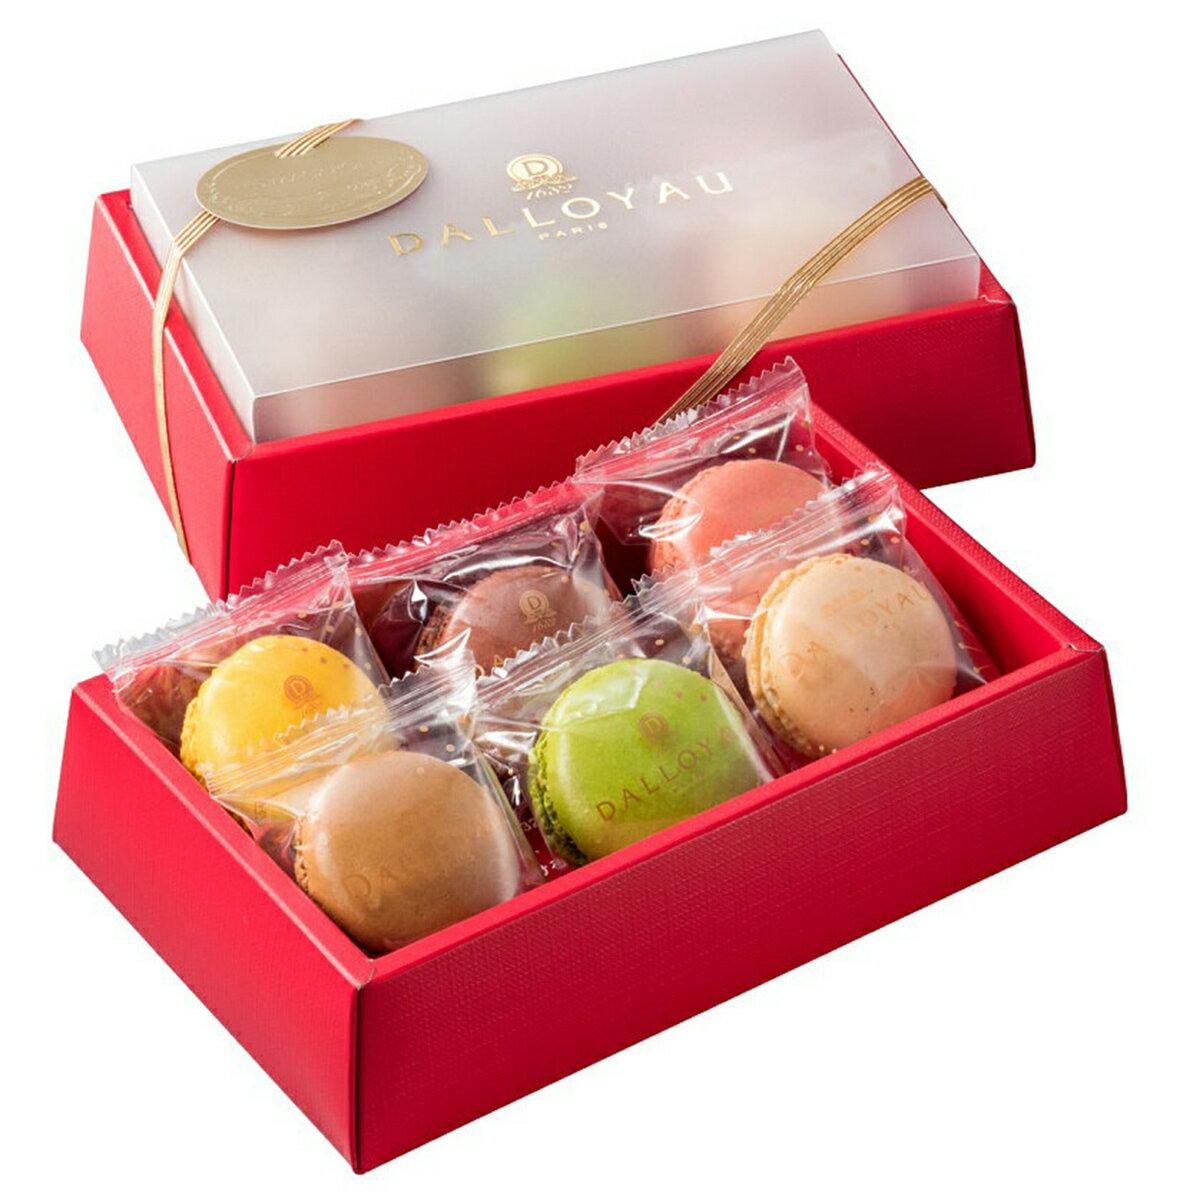 ダロワイヨギフト内祝お返しマカロンマカロン詰合せ(6個入)ギフト箱入り洋菓子スイーツお誕生日内祝ブラ